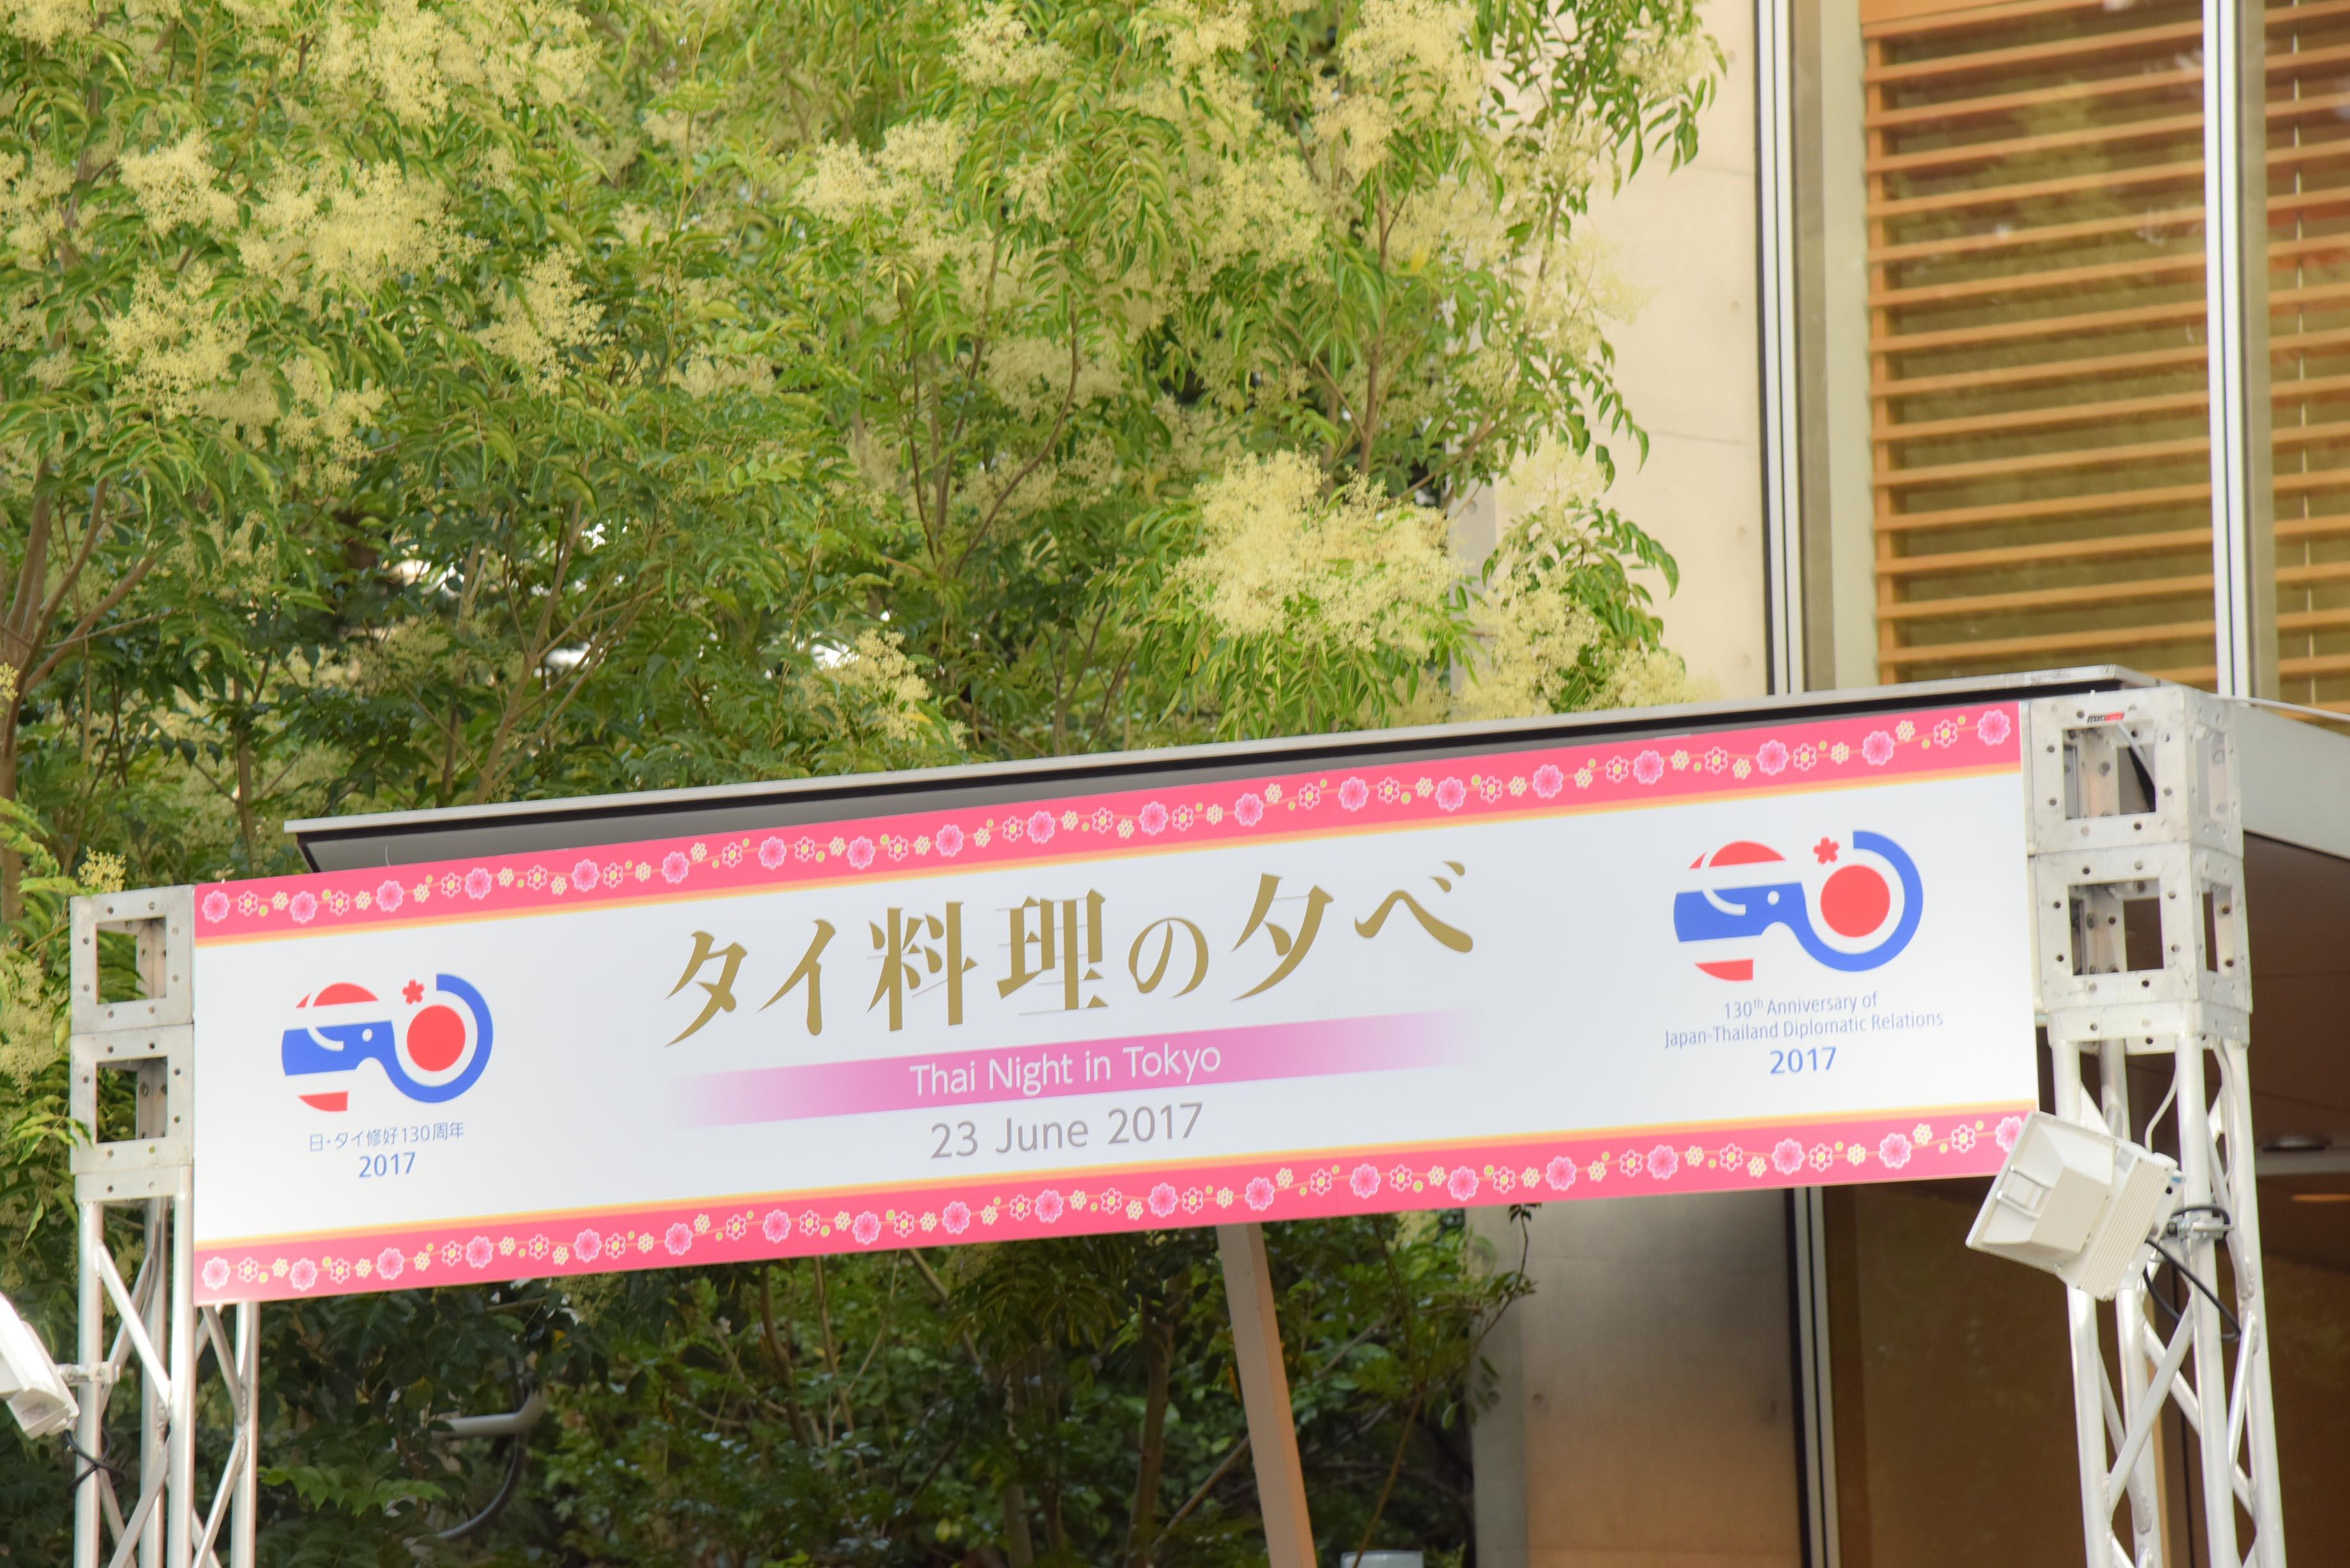 【No.02:編集局が行ってみた!】「タイ大使館 タイ料理の夕べ」レポート!